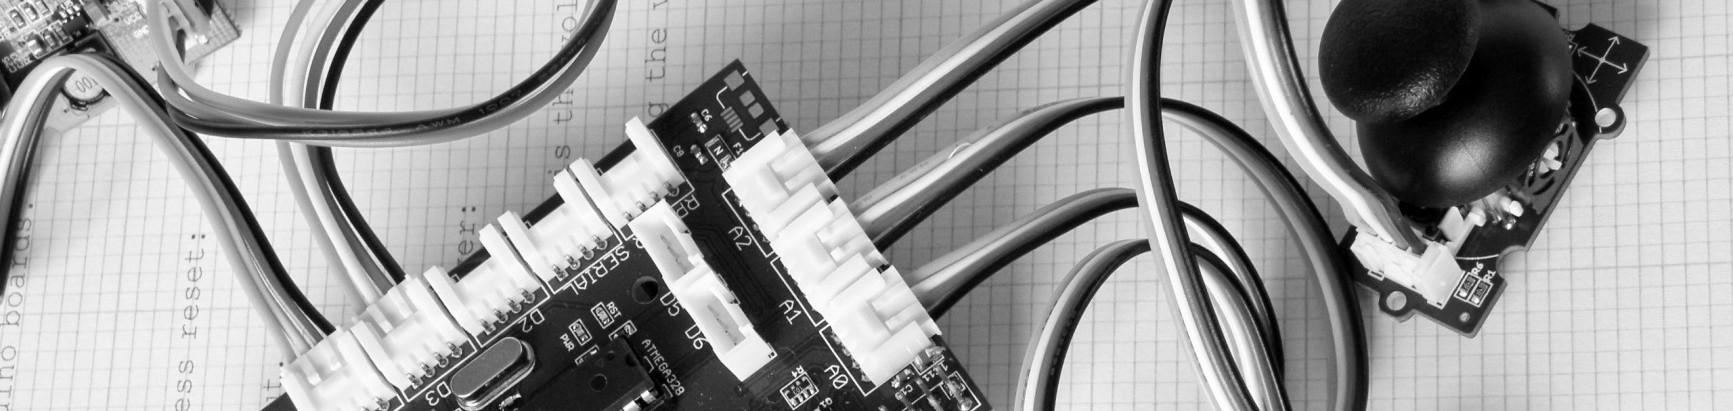 GrovePi for Raspberry Pi and Grove Sensors